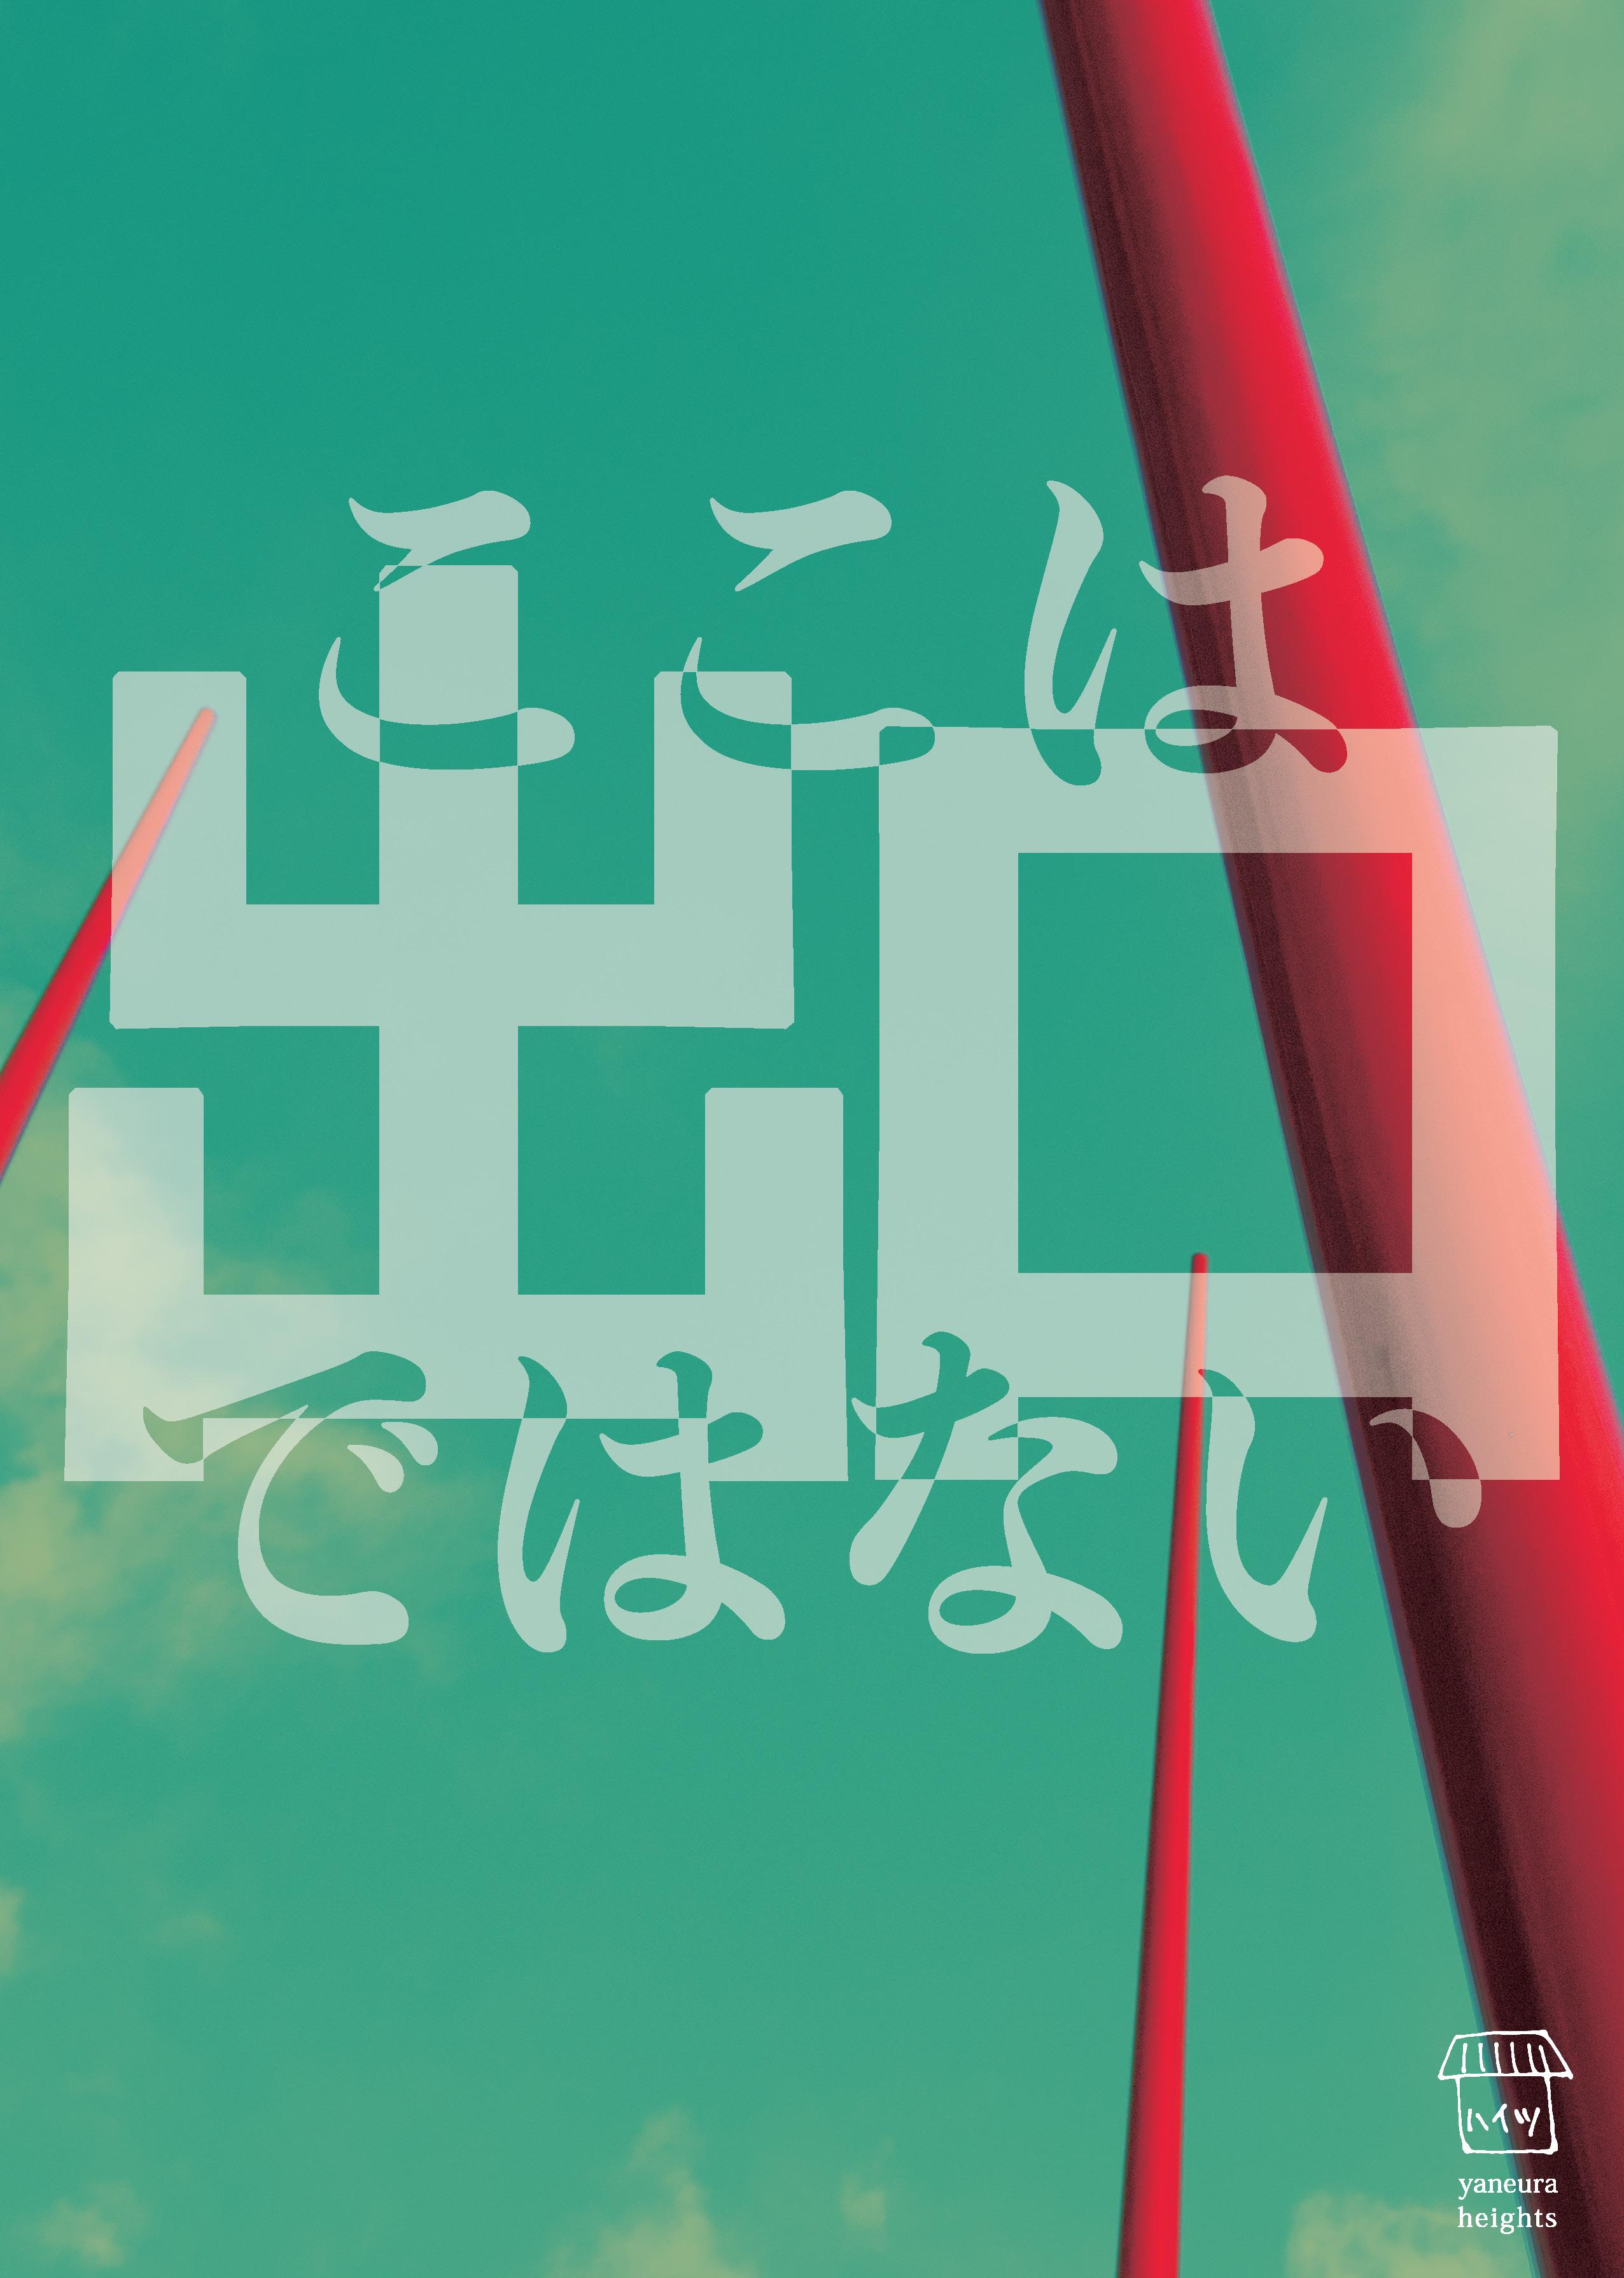 屋根裏ハイツ5F 『ここは出口ではない』仙台公演 12/17